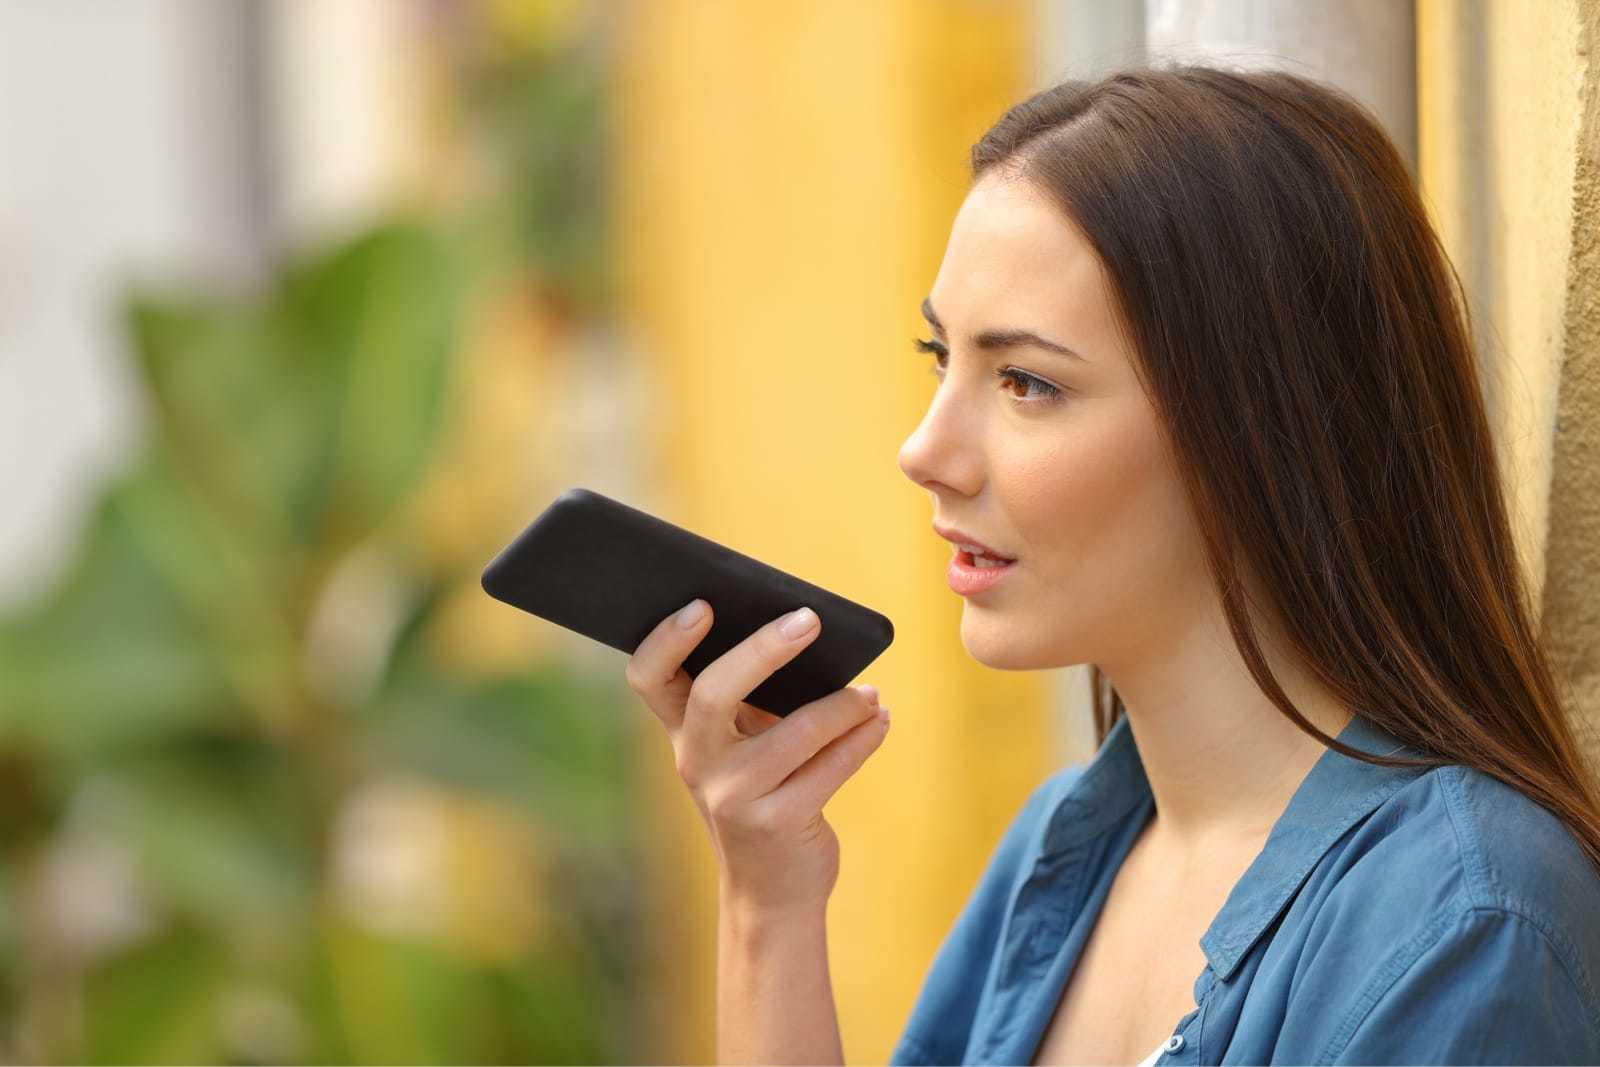 スマートフォンに話しかける女性